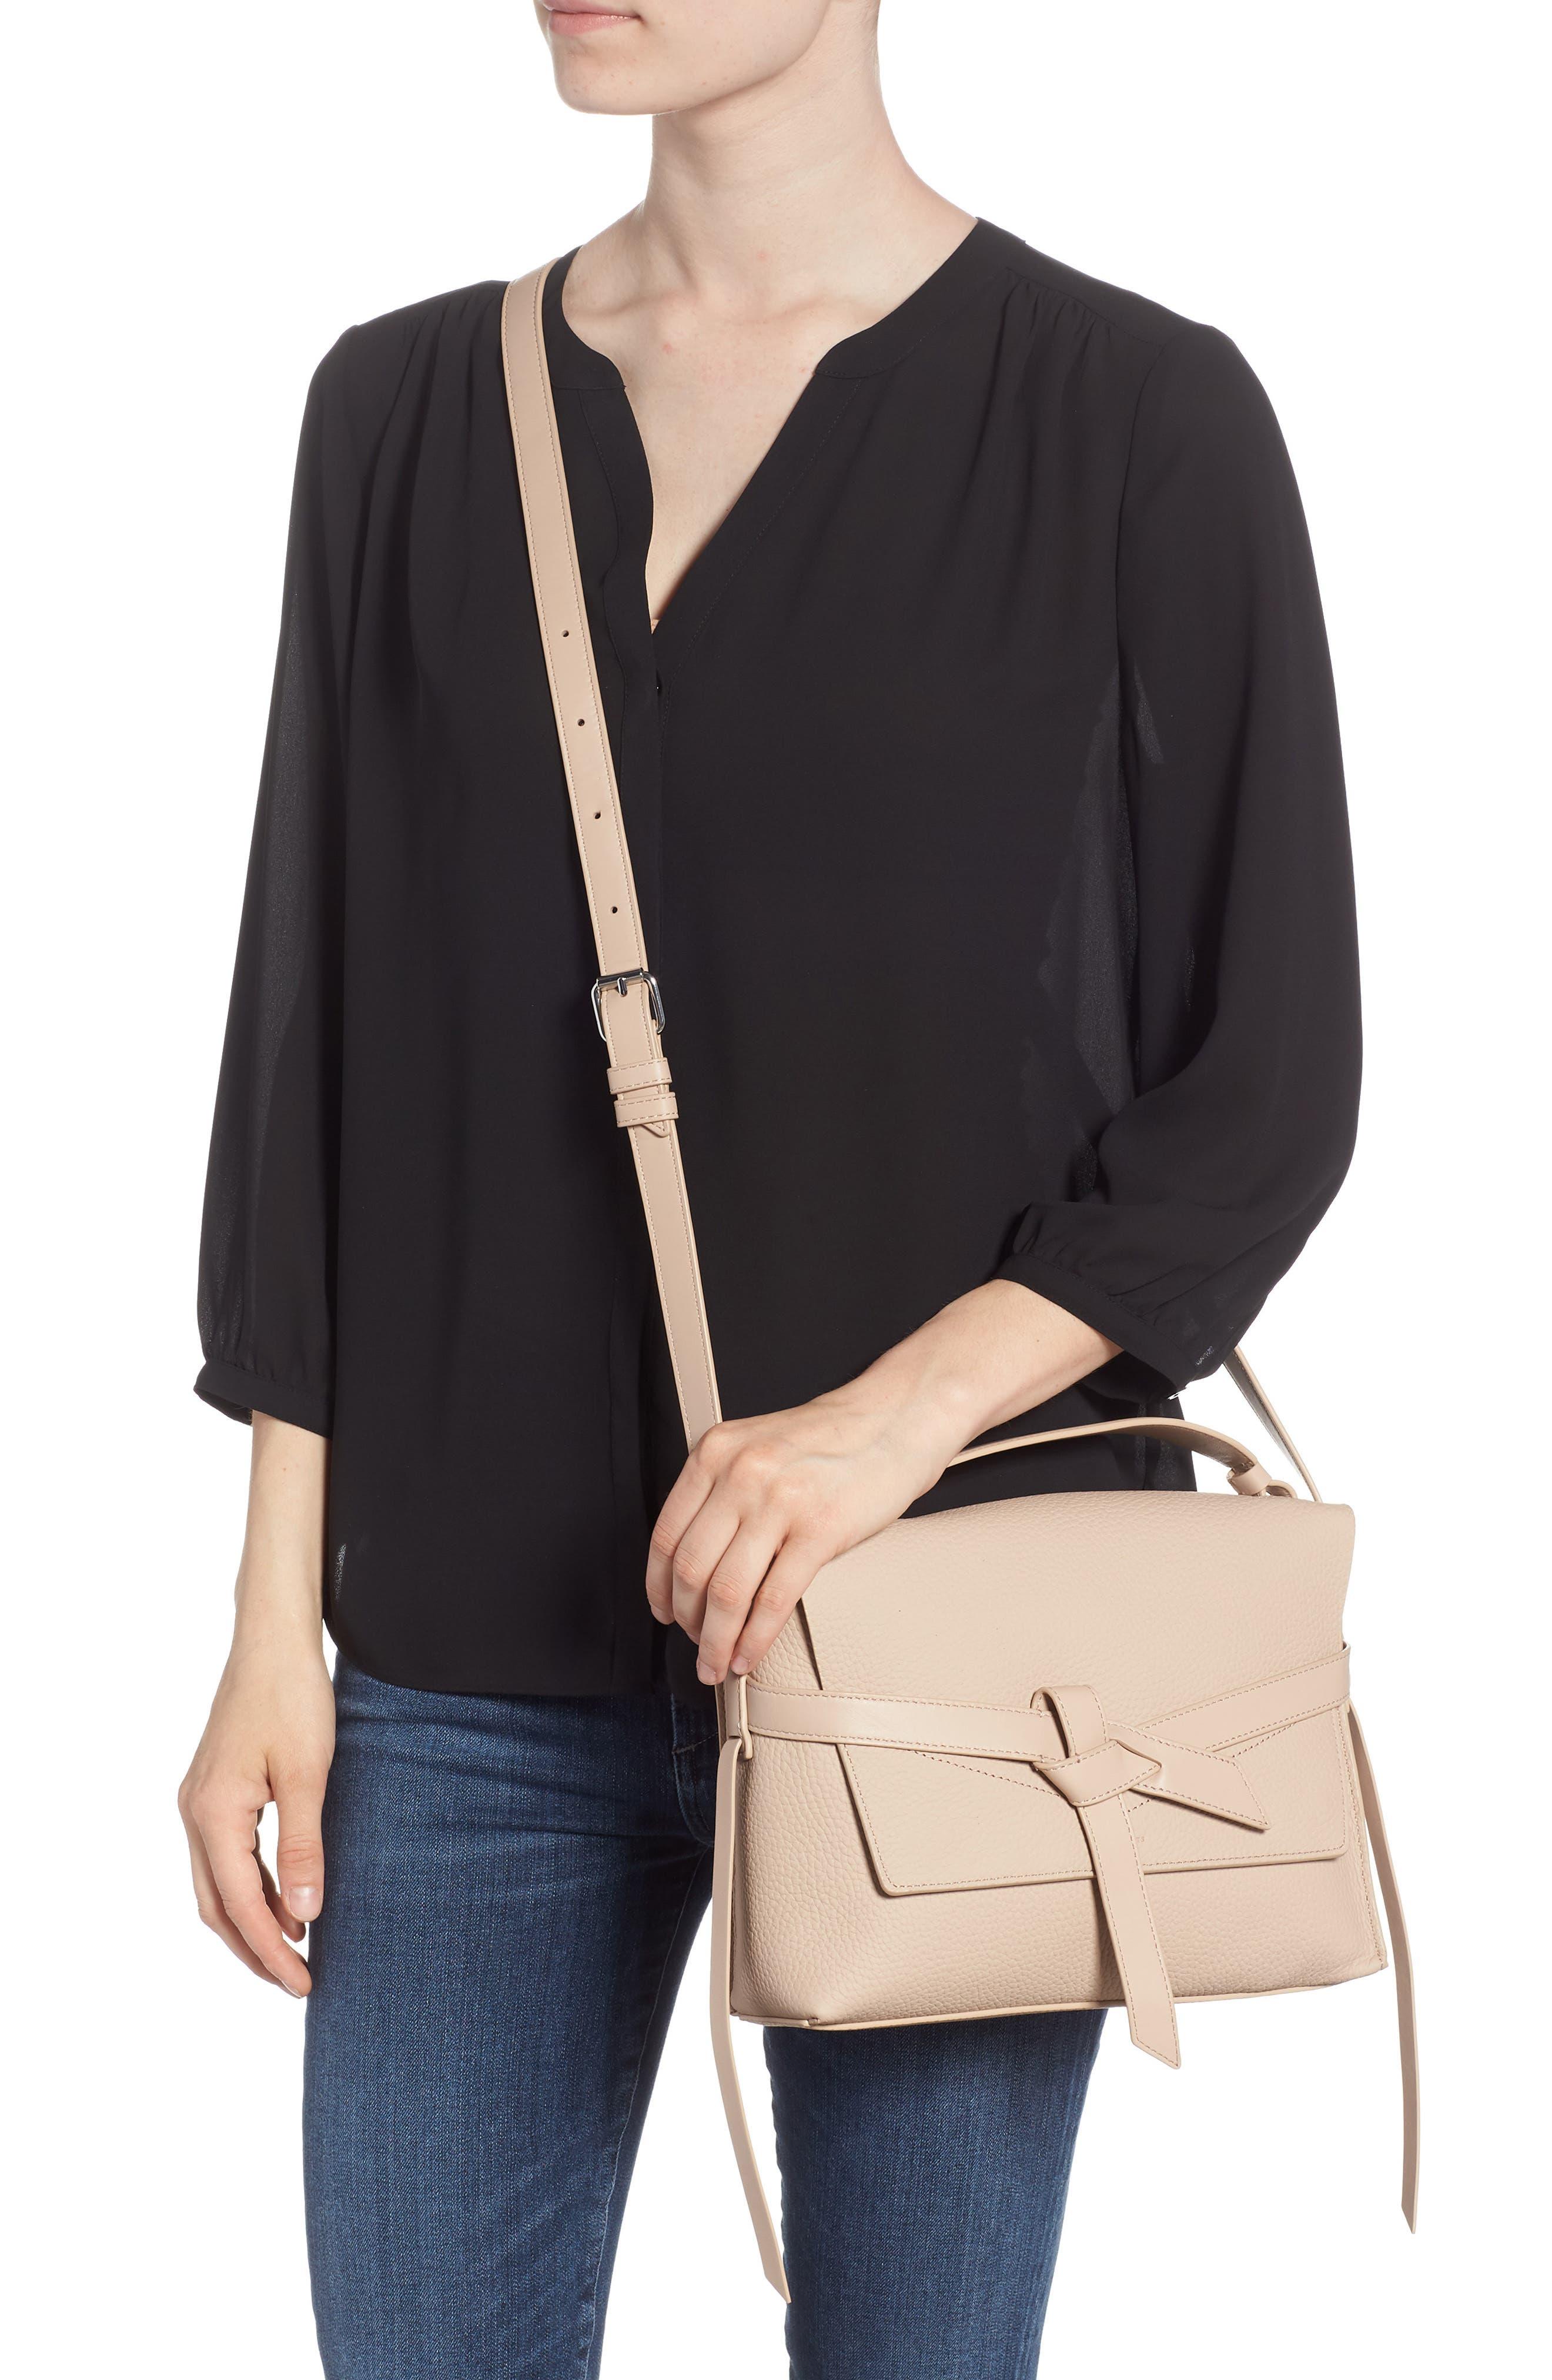 Cami Leather Shoulder Bag,                             Alternate thumbnail 2, color,                             NATURAL